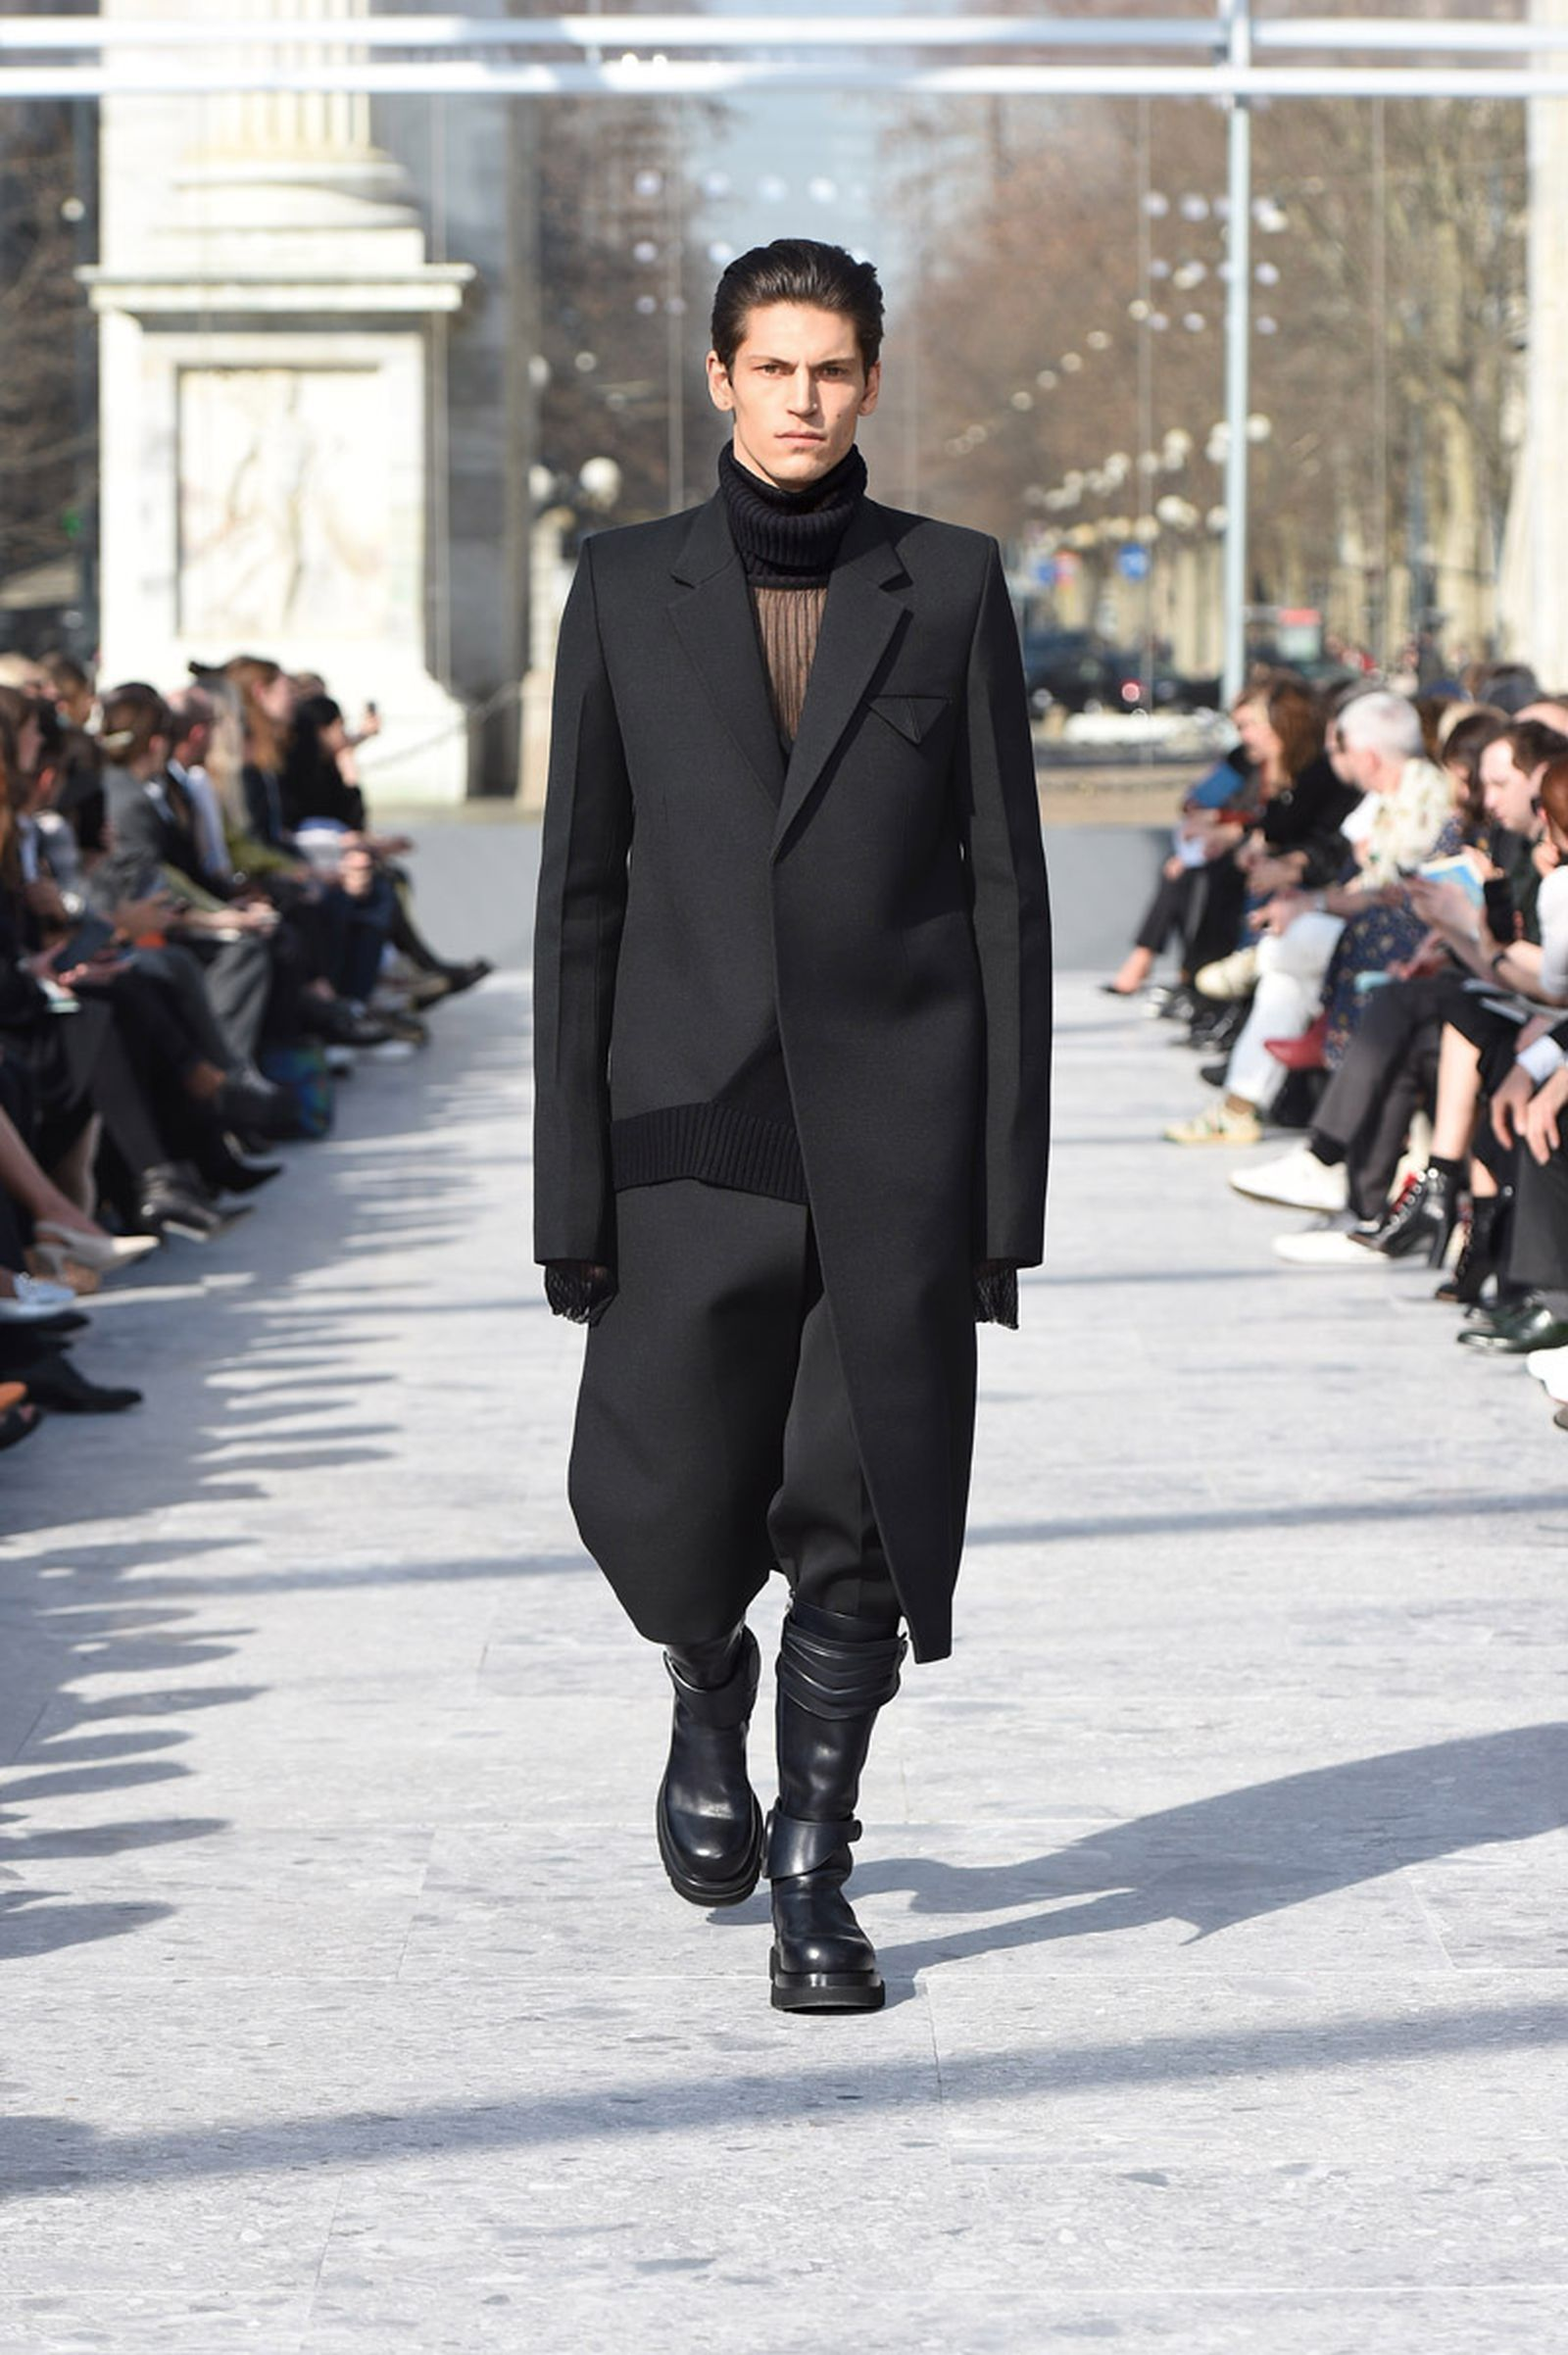 bottega-veneta-is-bringing-timeless-luxury-back-to-fashion-08